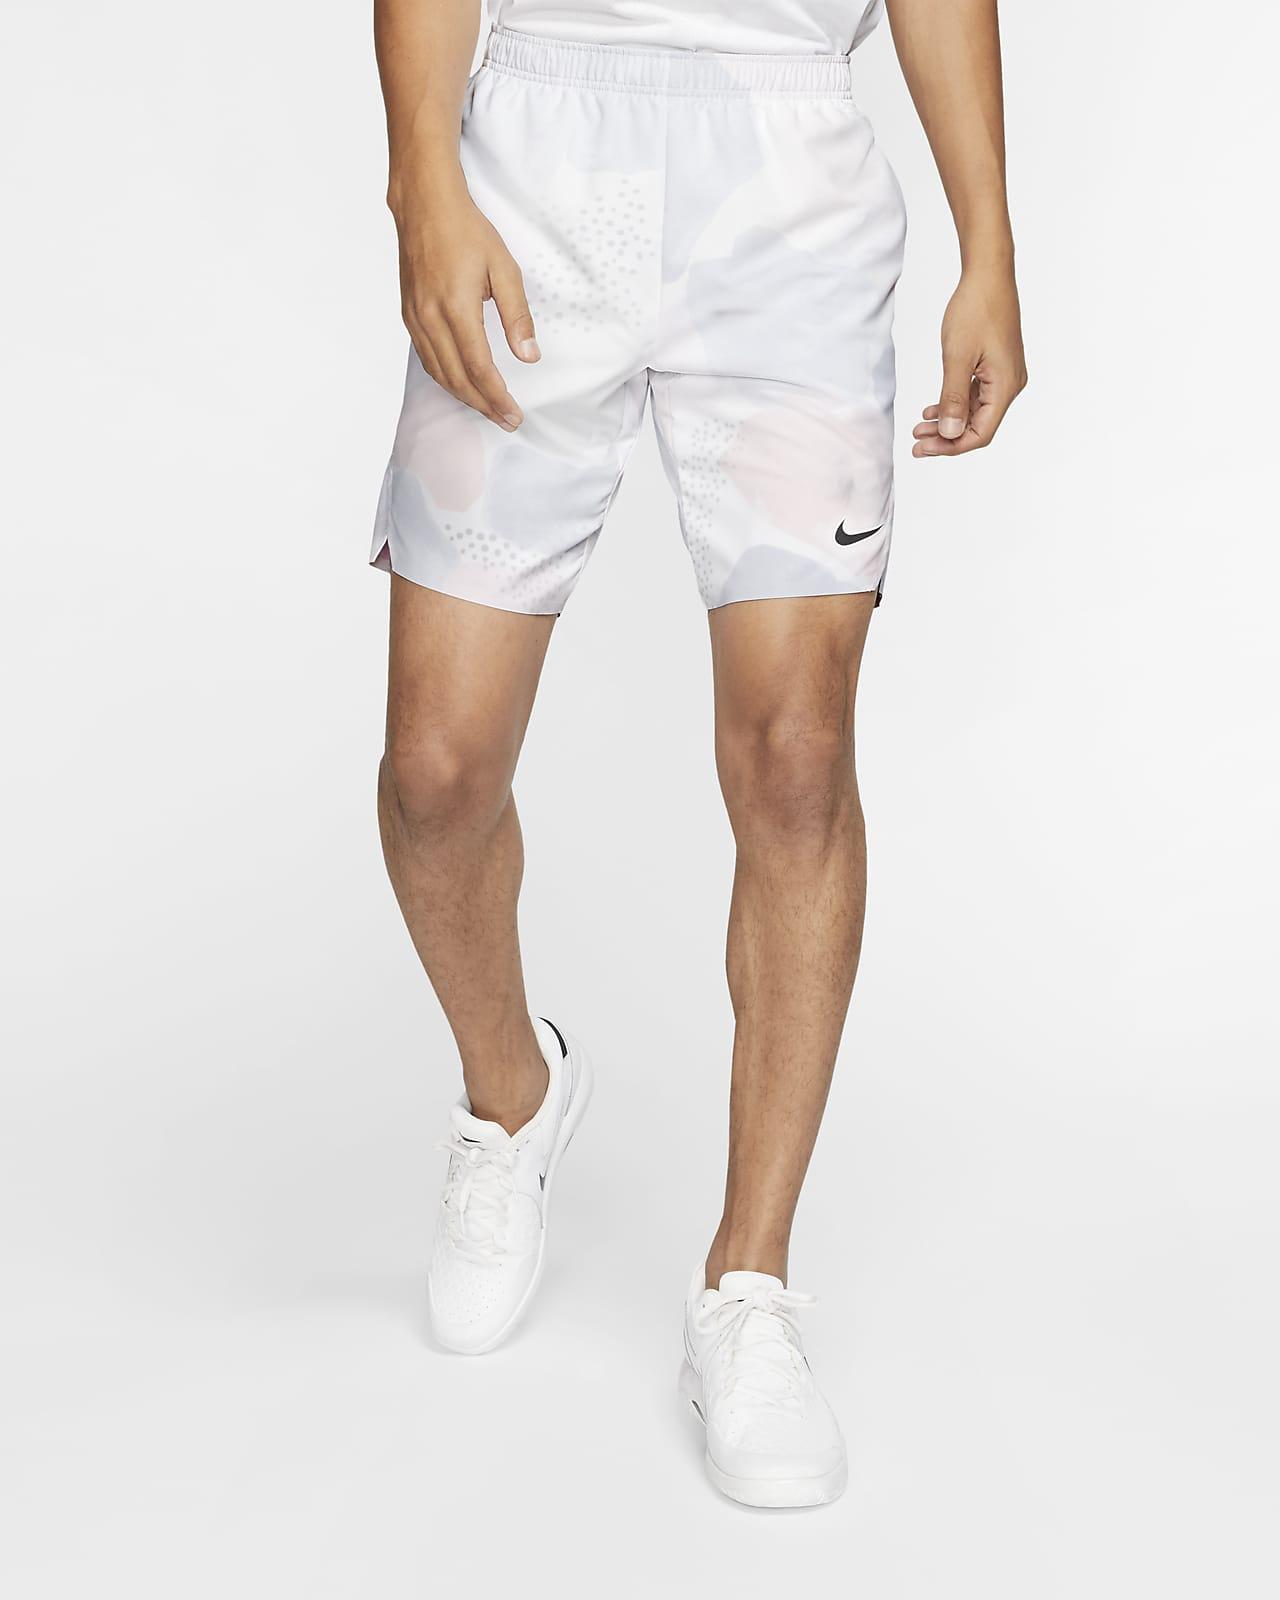 ナイキコート フレックス エース メンズ プリンテッド テニスショートパンツ